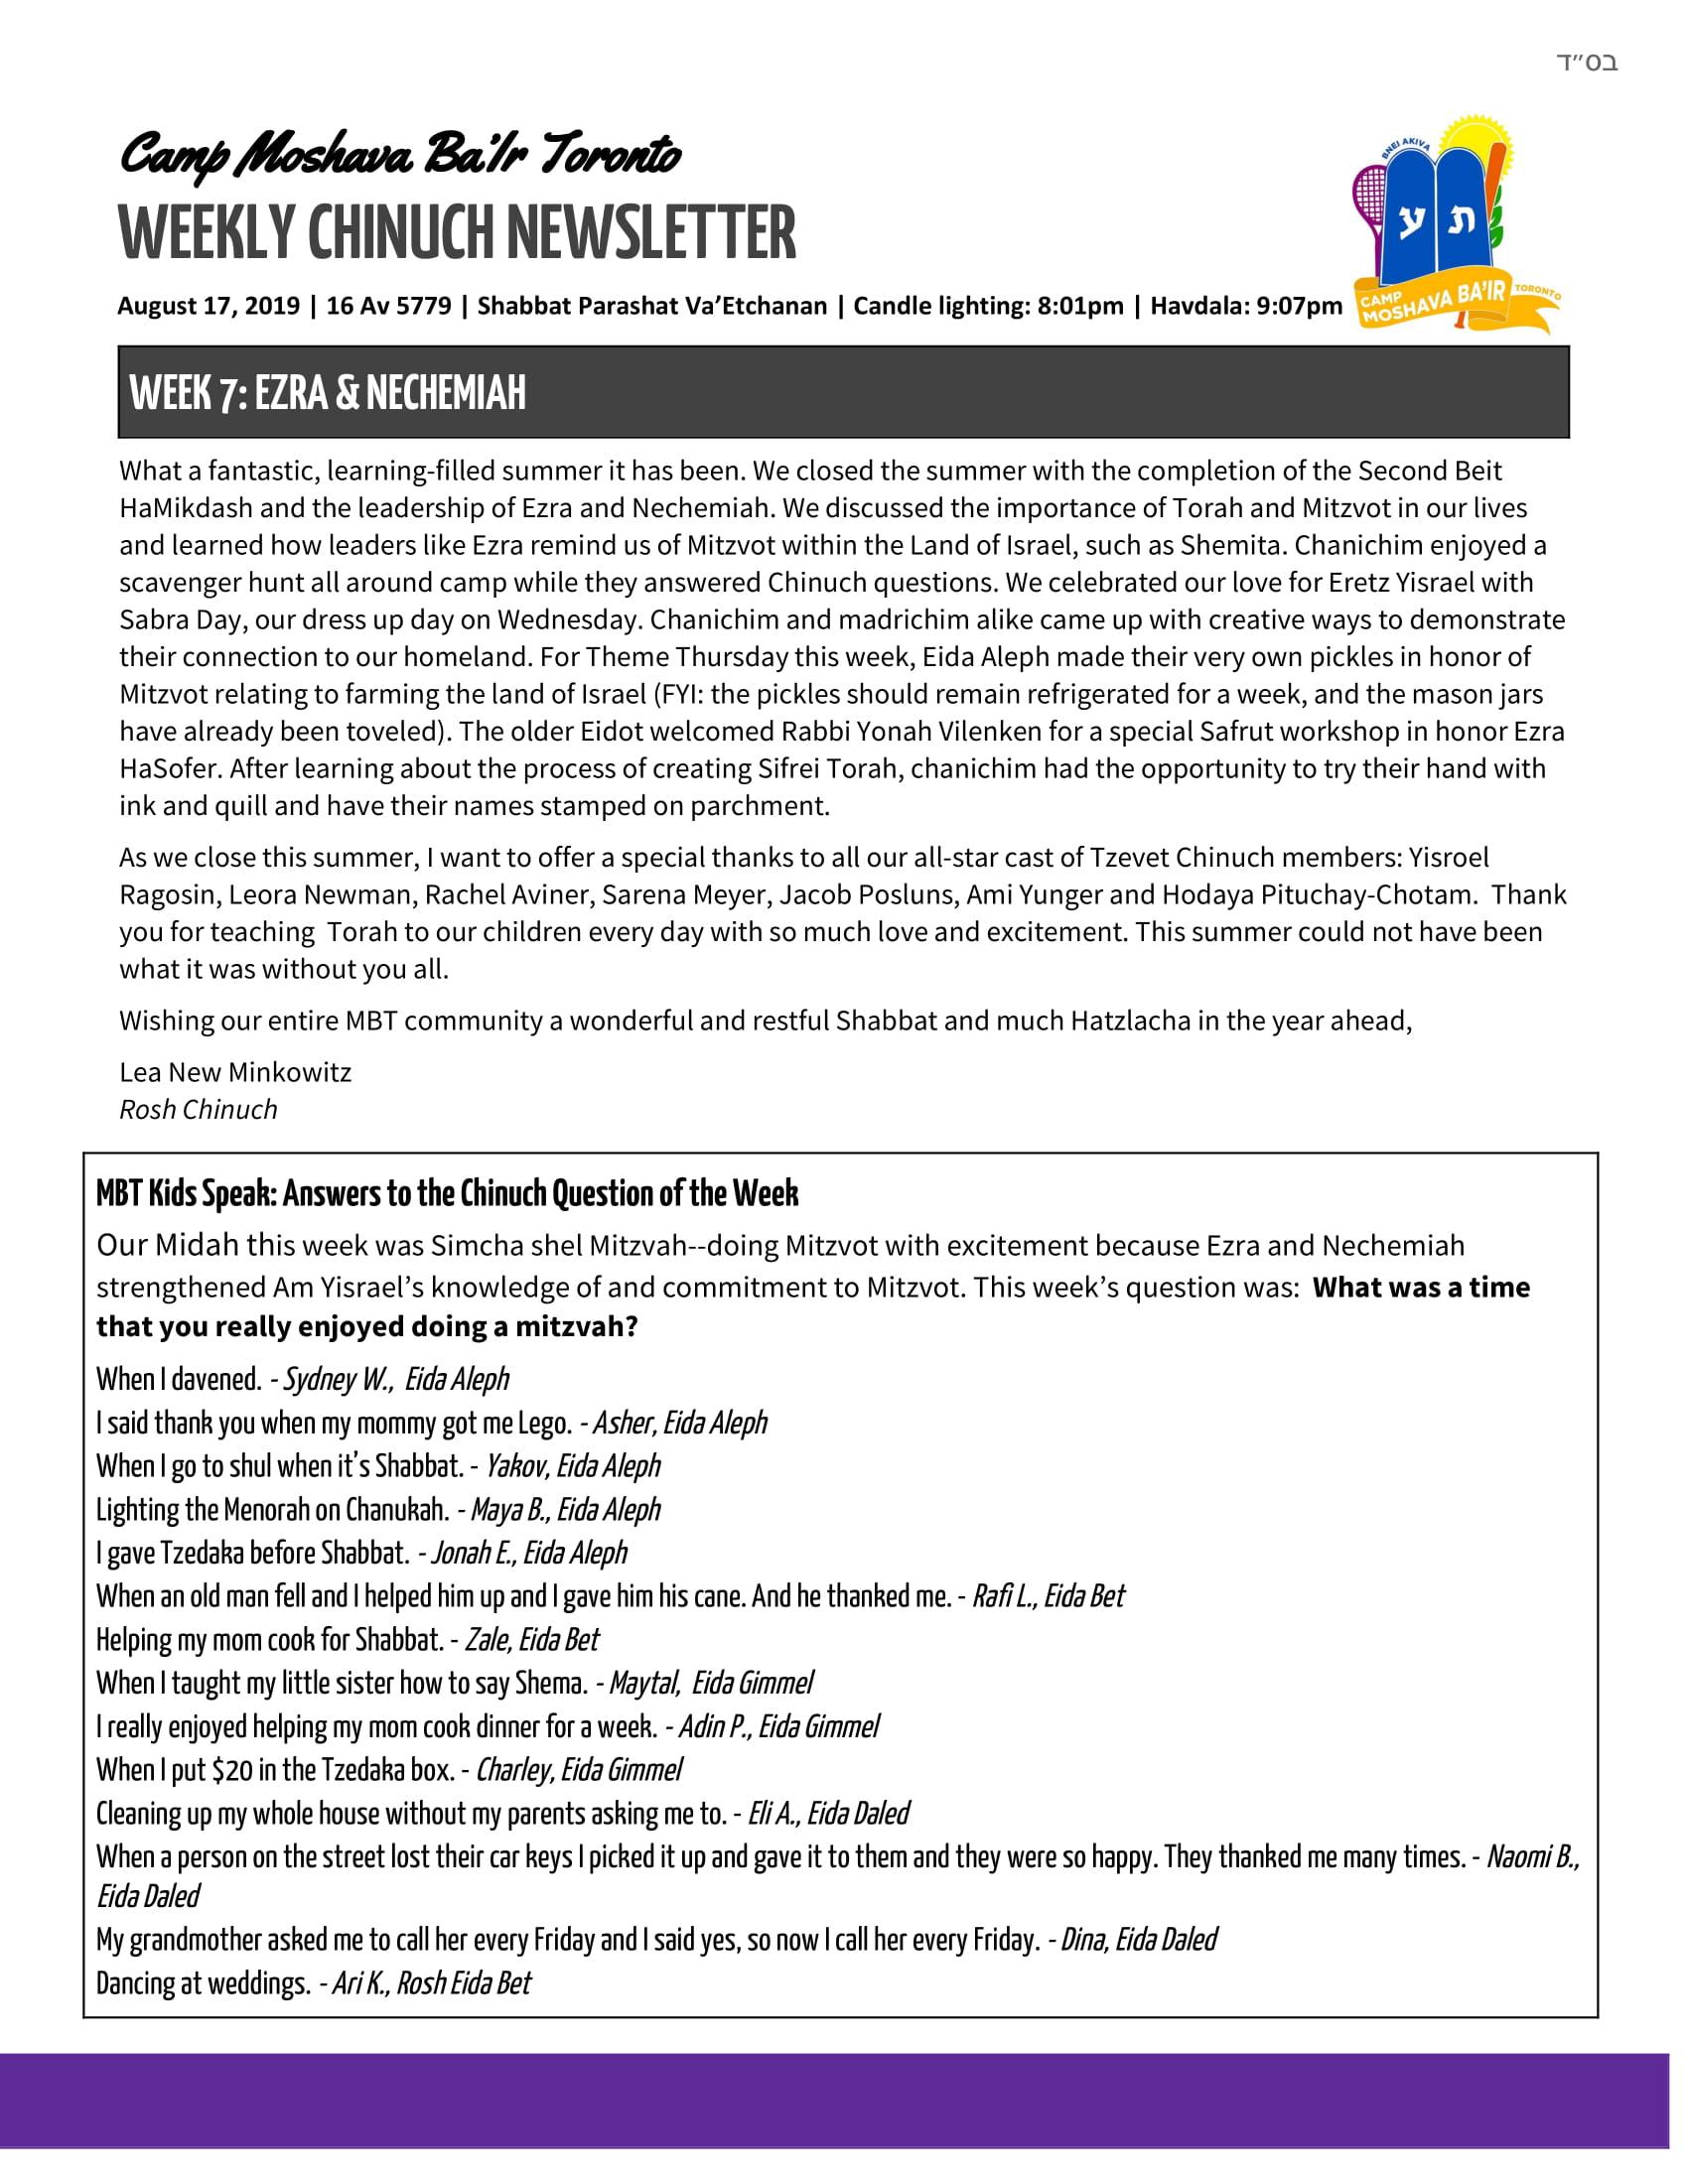 Weekly Chinuch Newsletter_ Shivat Tzion 2 (Week 7)-1.jpg